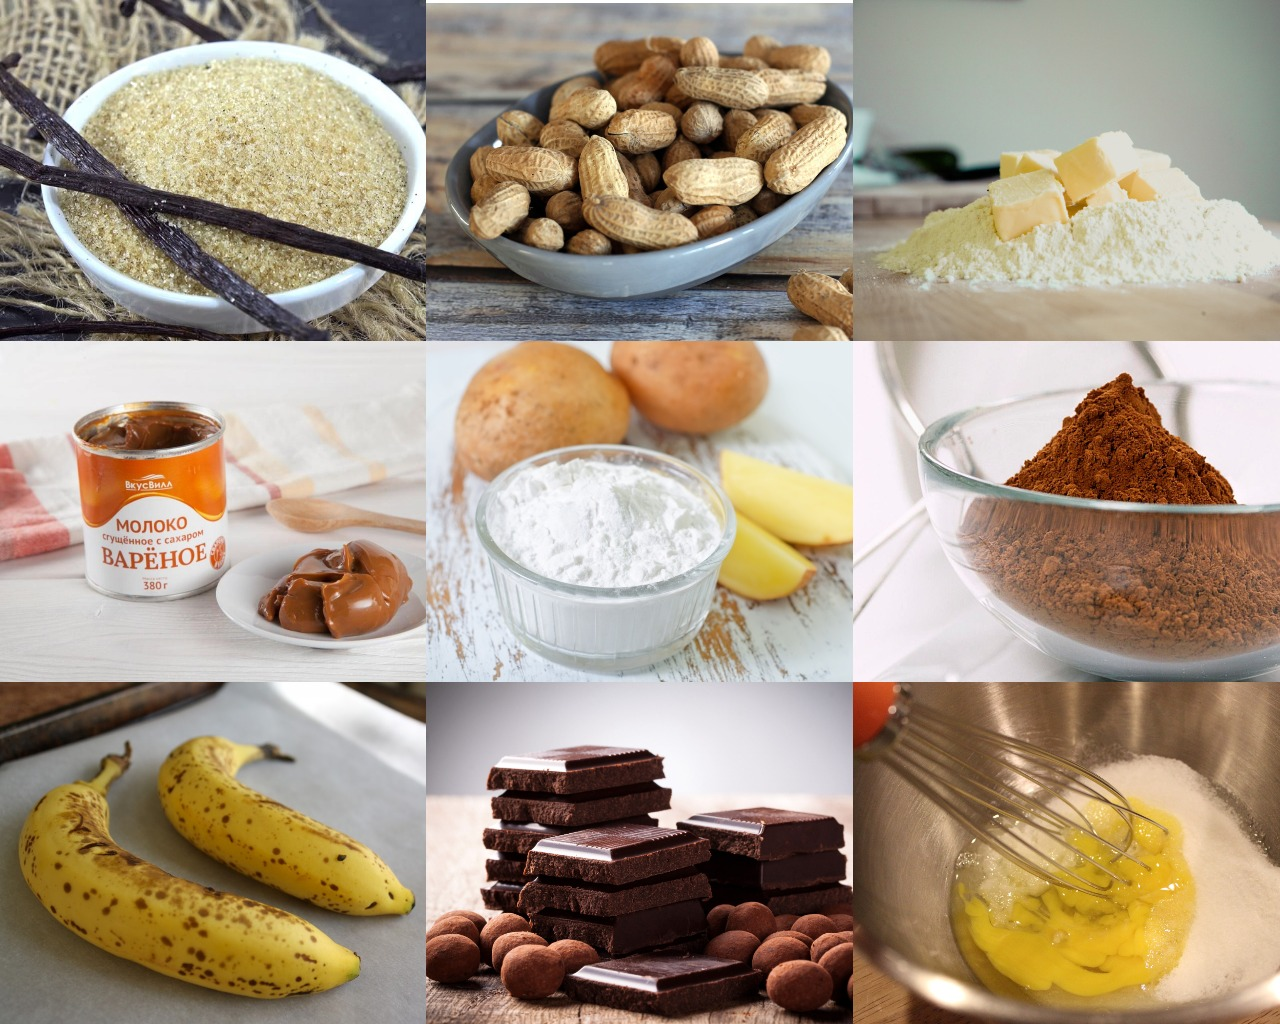 Ингредиенты для шоколадно-бананового торта с кремом на основе сгущенного молока